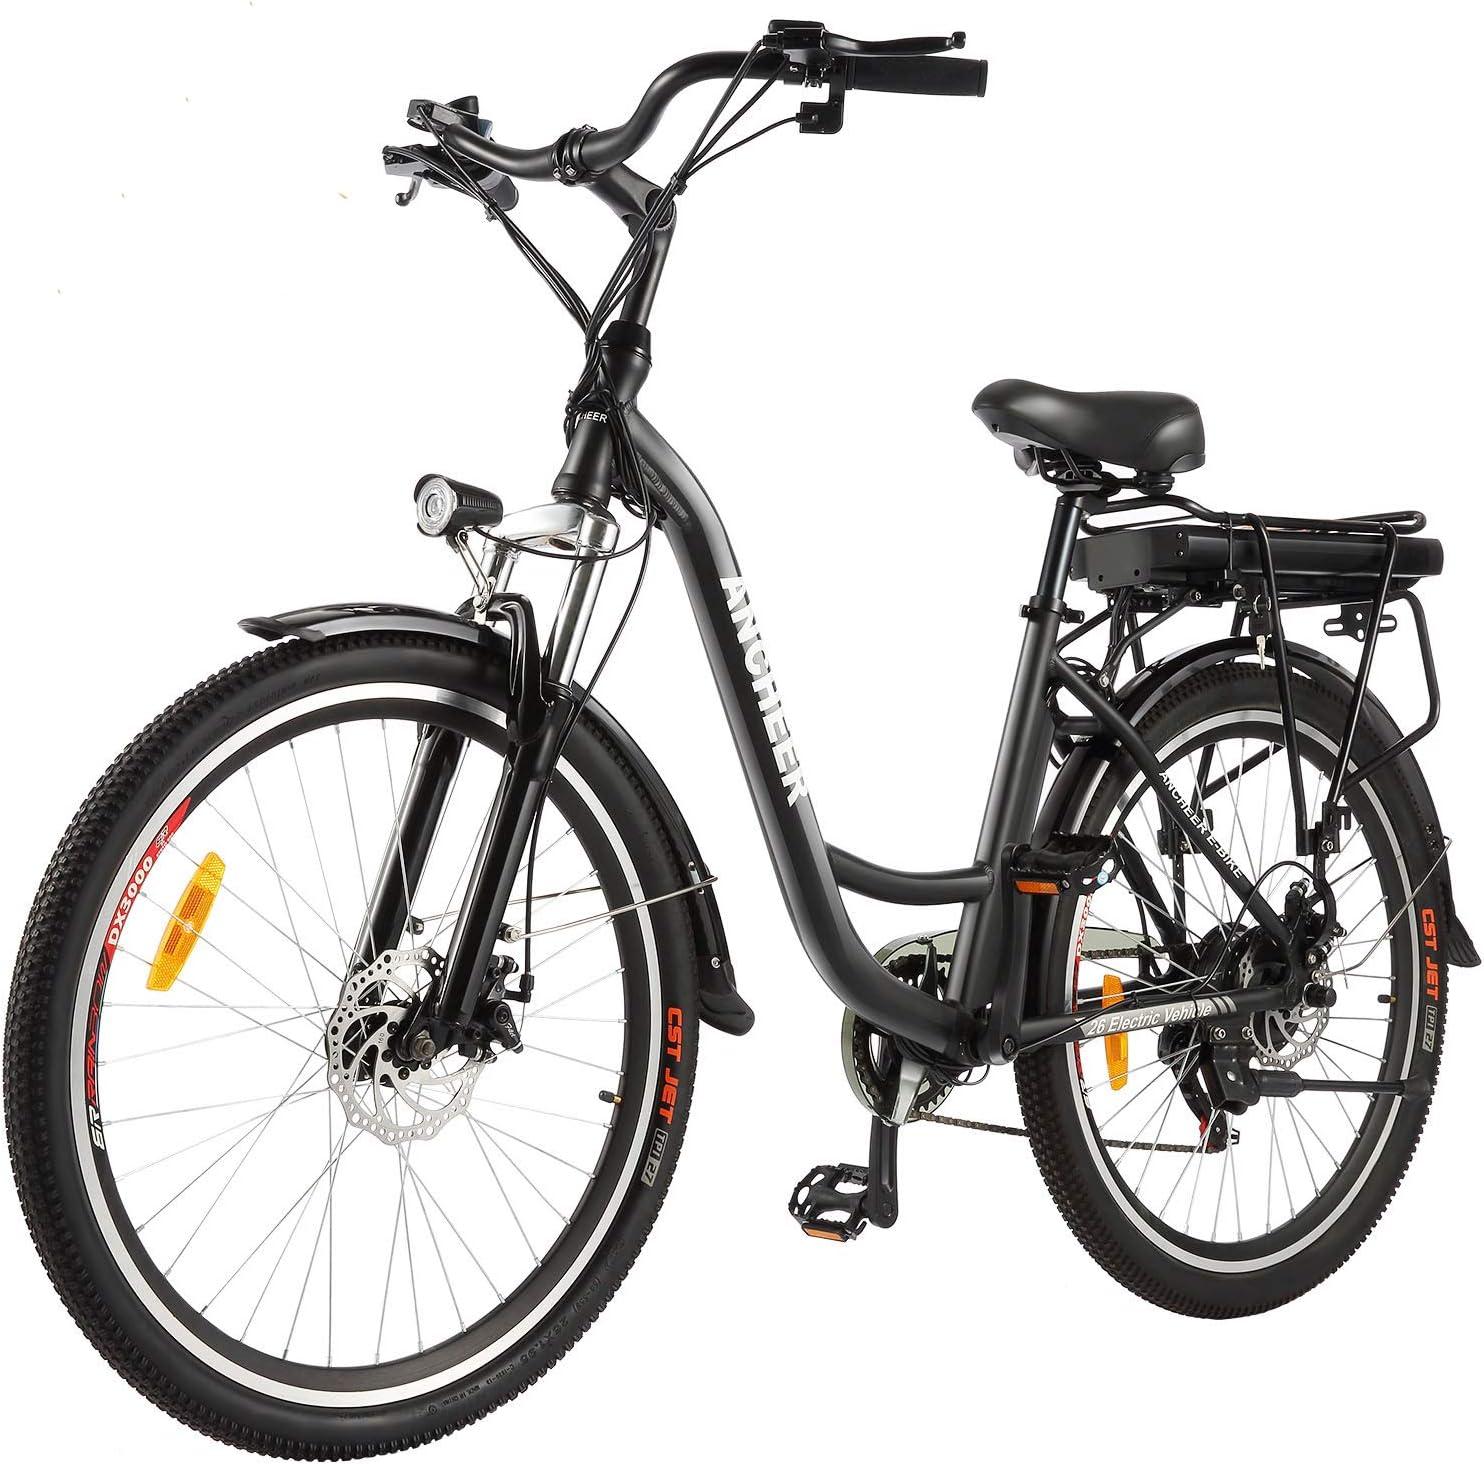 Mini bike Model-Red Ergonomic electric bike Speedrid Ebike